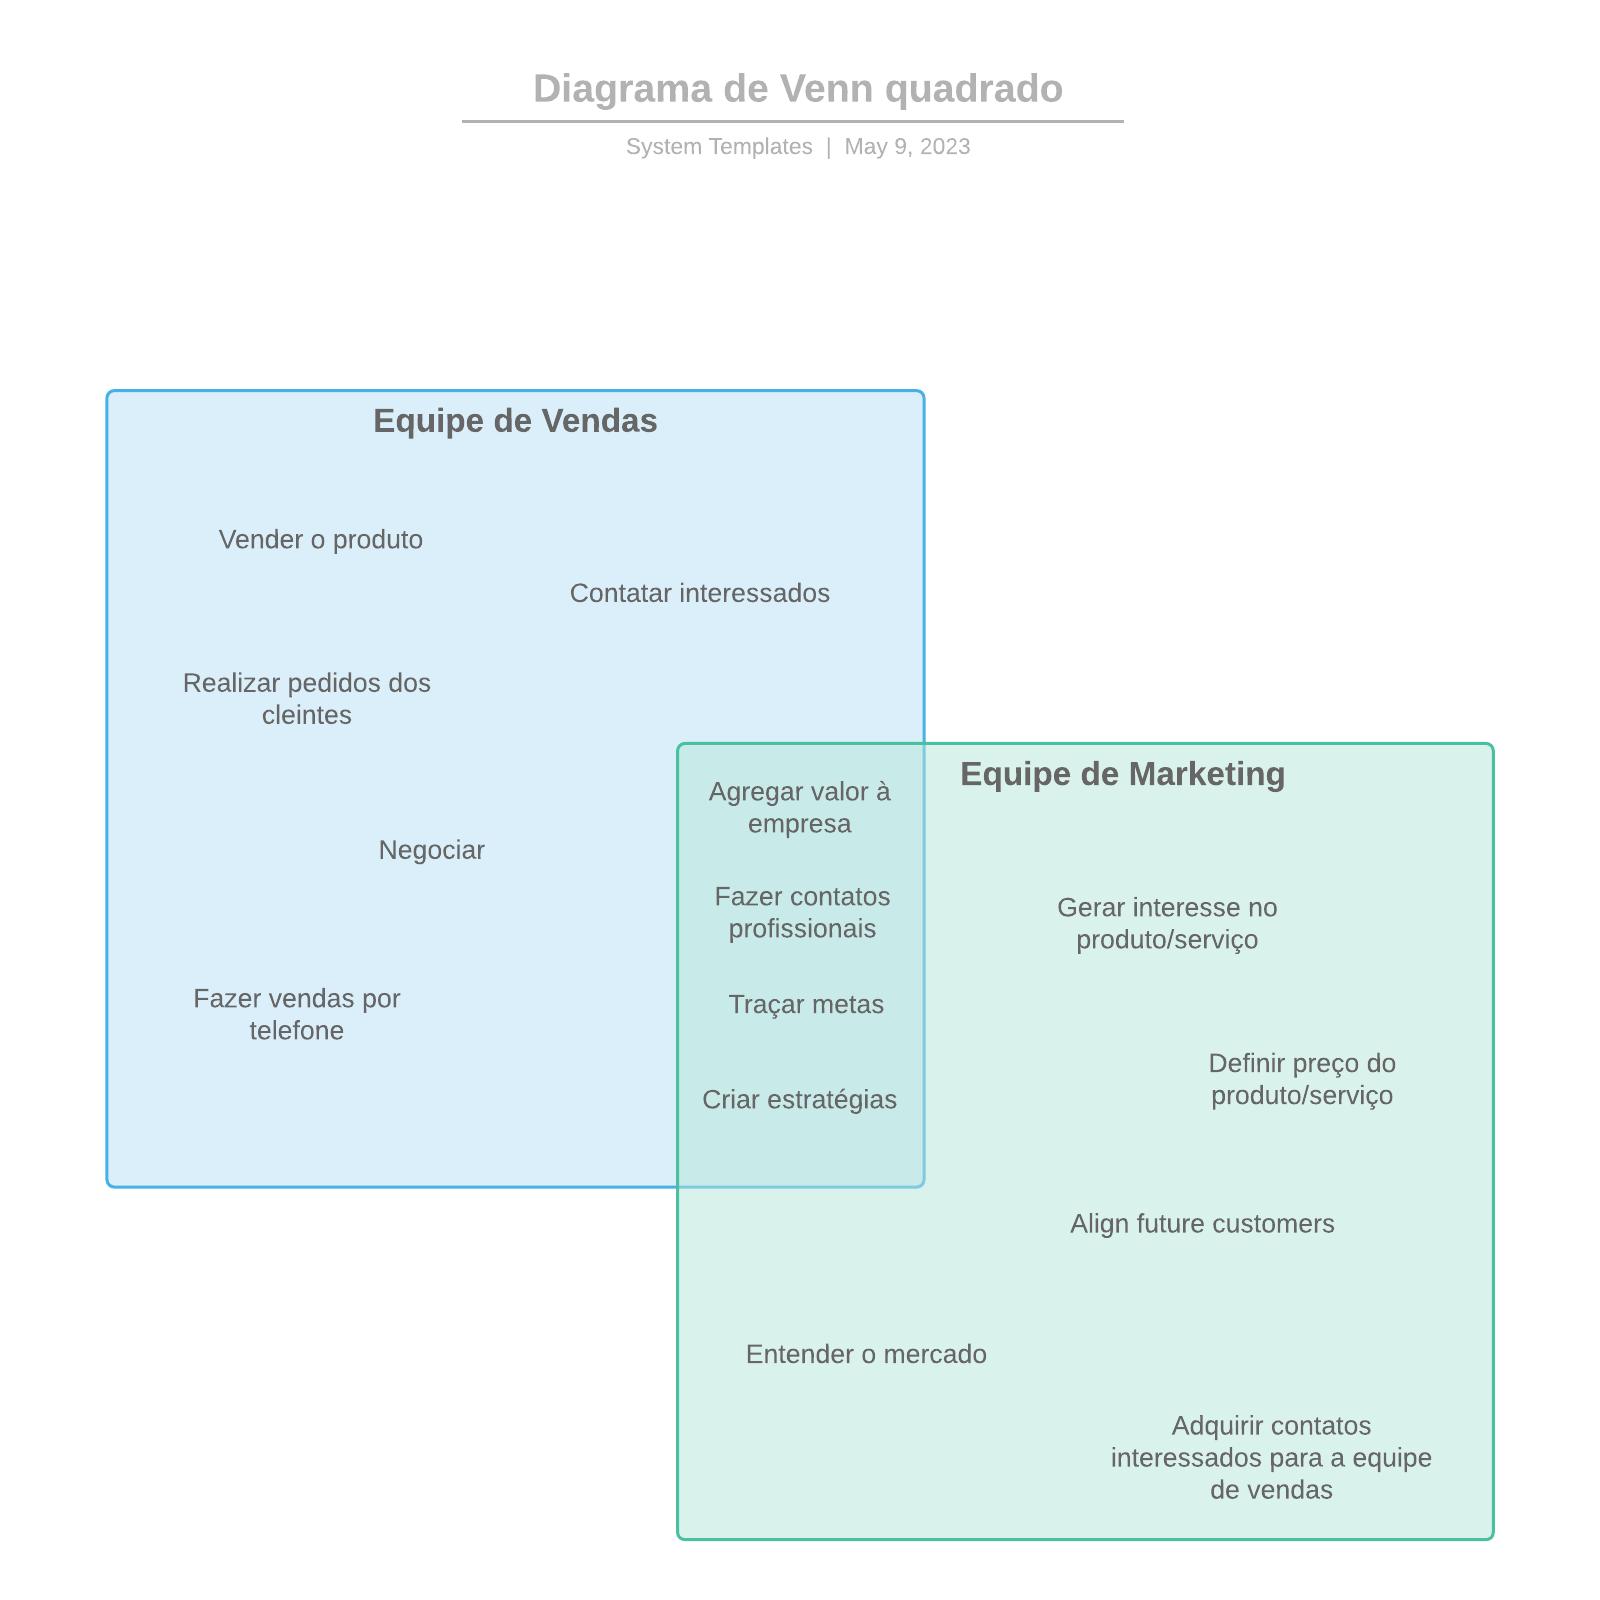 Diagrama de Venn quadrado